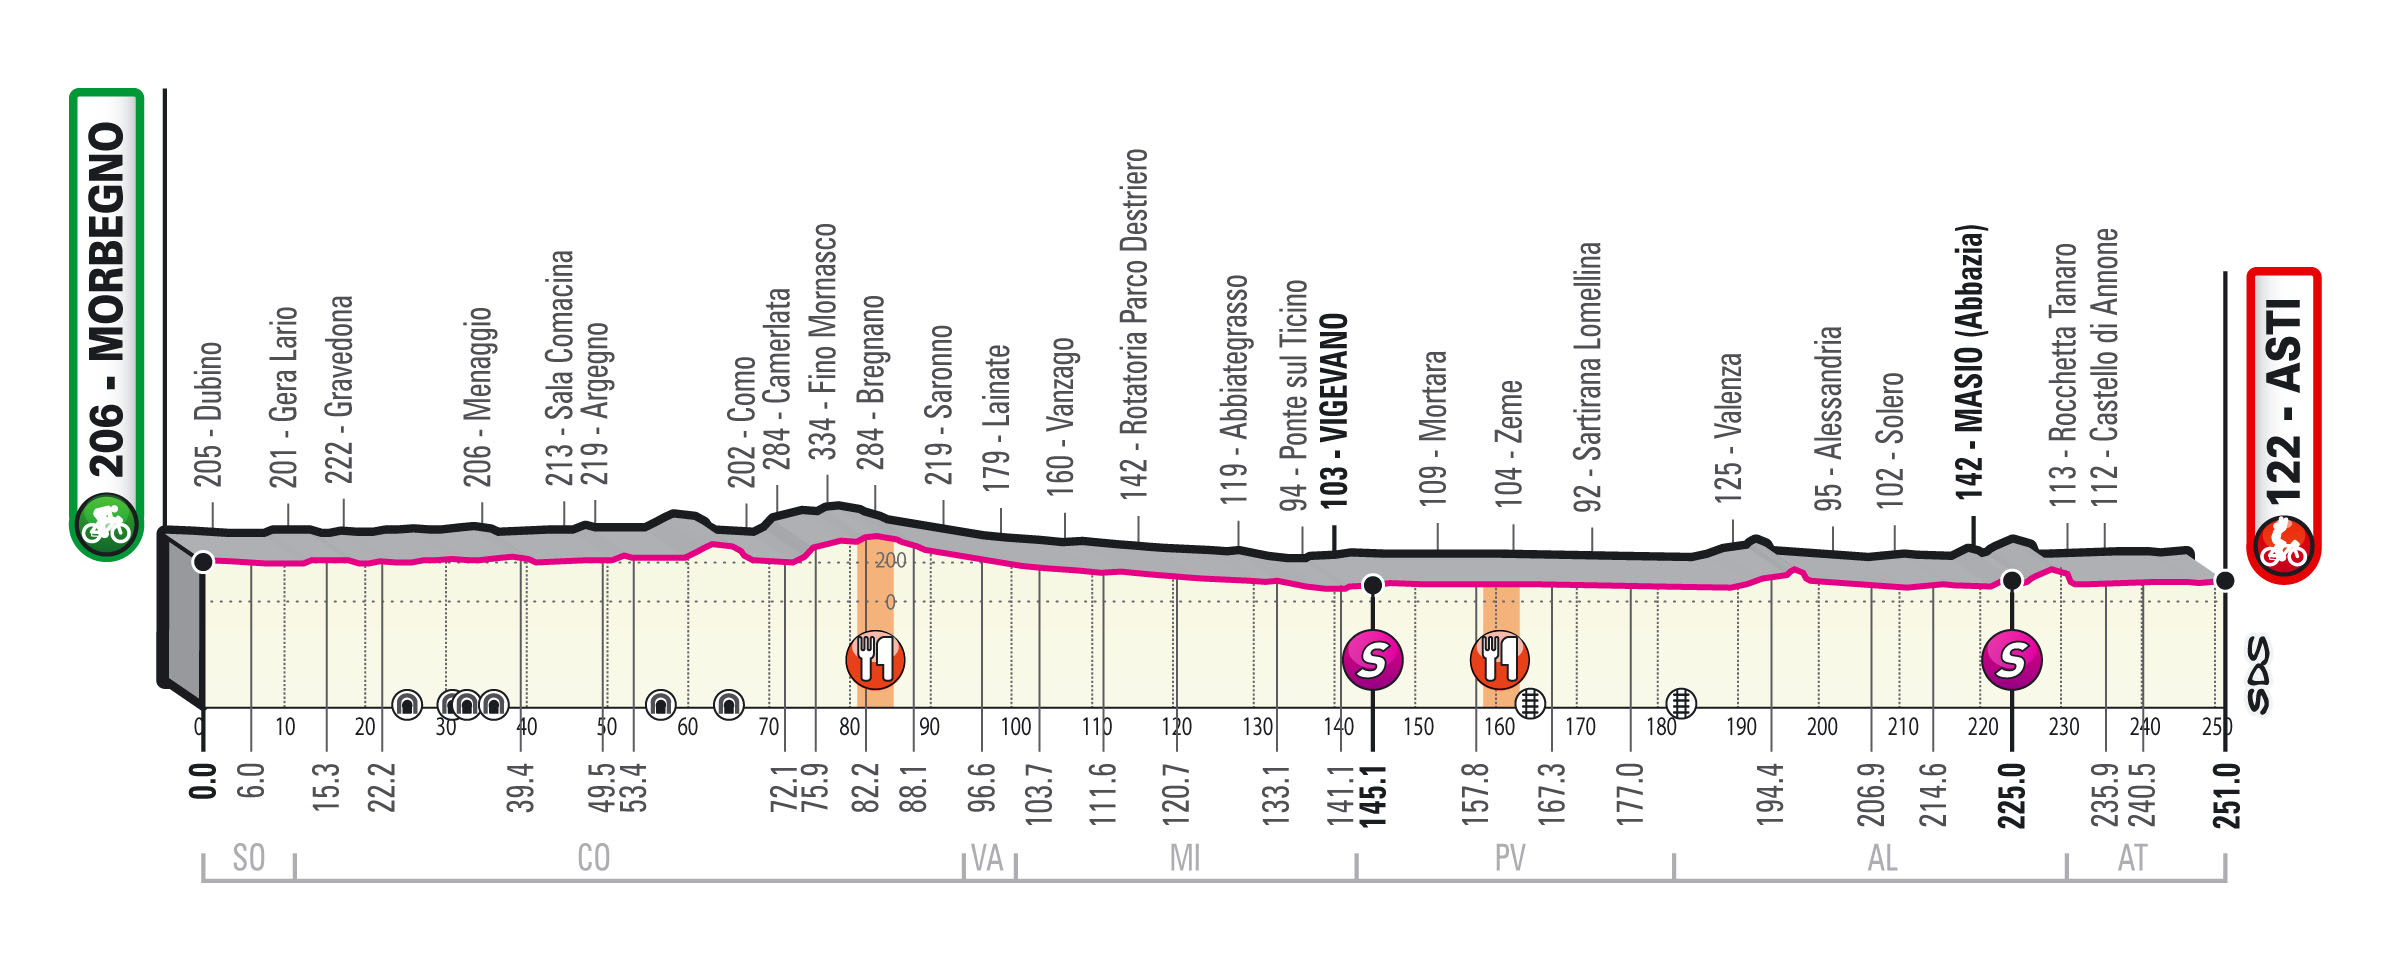 Giro 2020 etappe 19